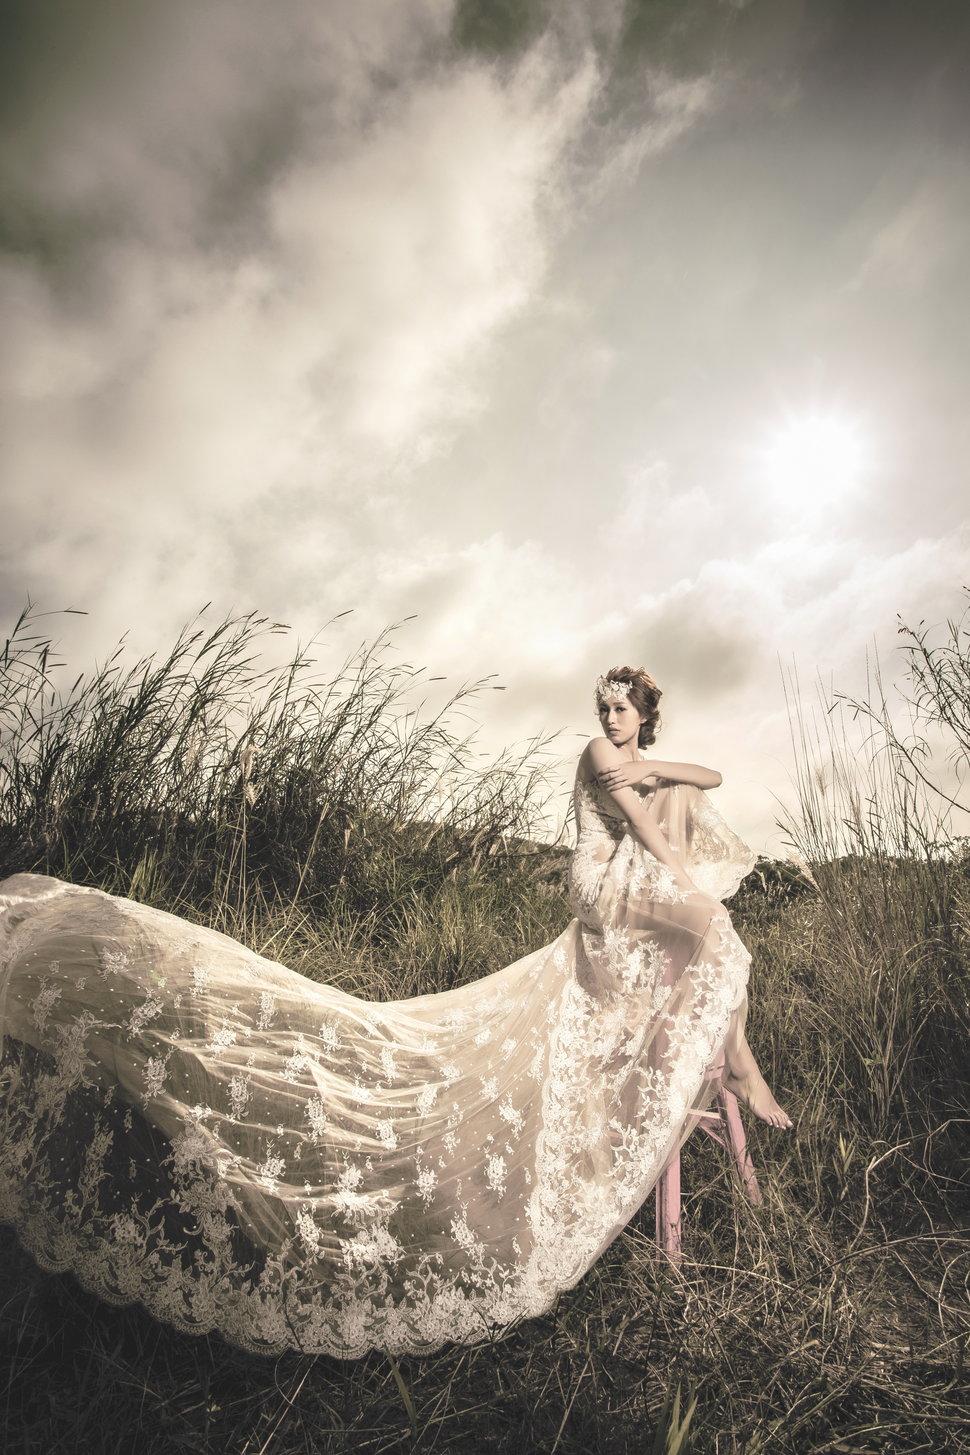 希臘婚禮 婚紗 攝影 手工婚紗禮服 超美(編號:377090) - 希臘婚禮  婚紗  攝影 - 結婚吧一站式婚禮服務平台